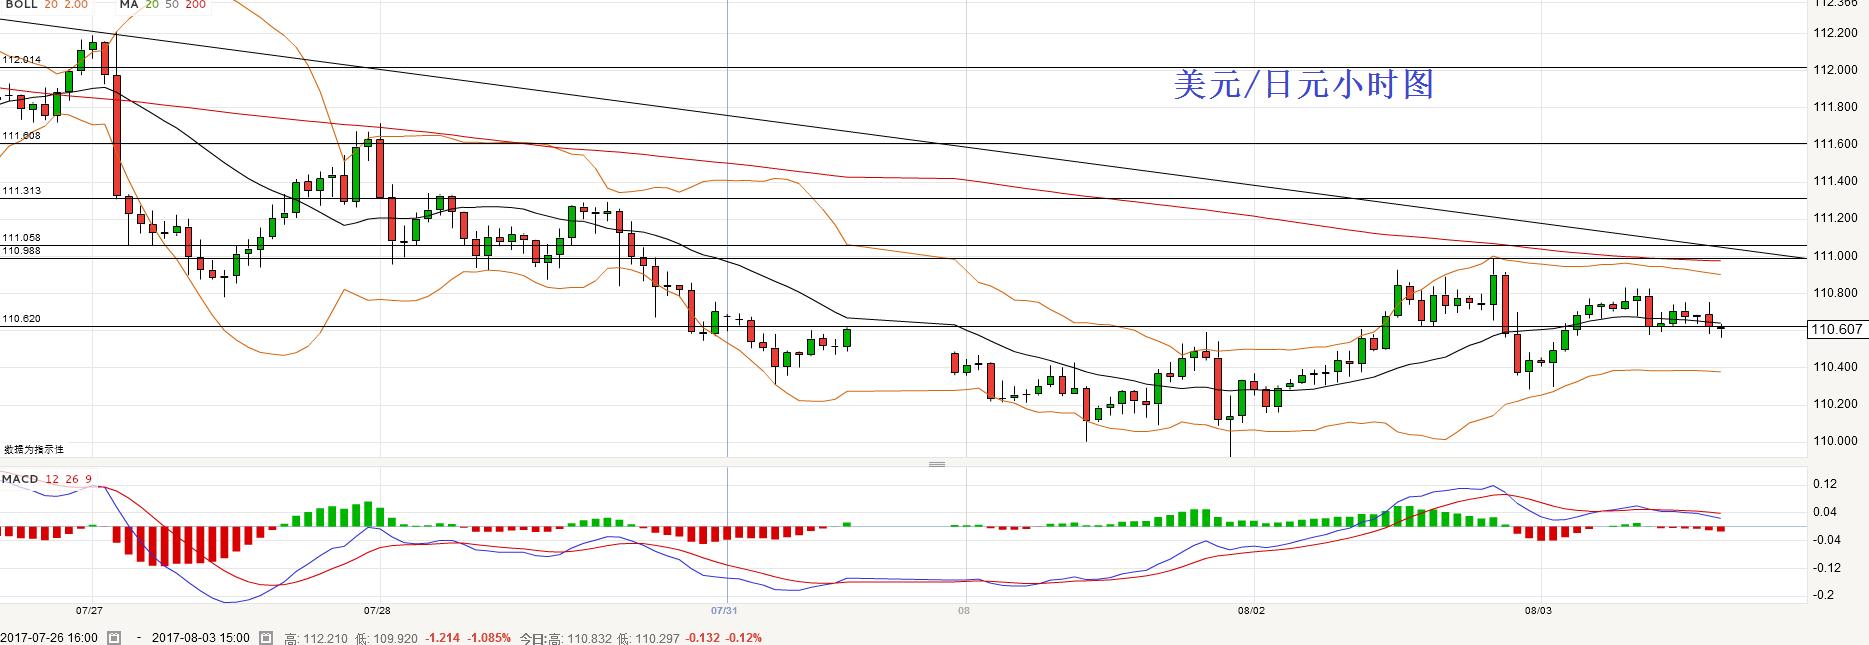 美元/日元:短线跌破110.60将倾向做空